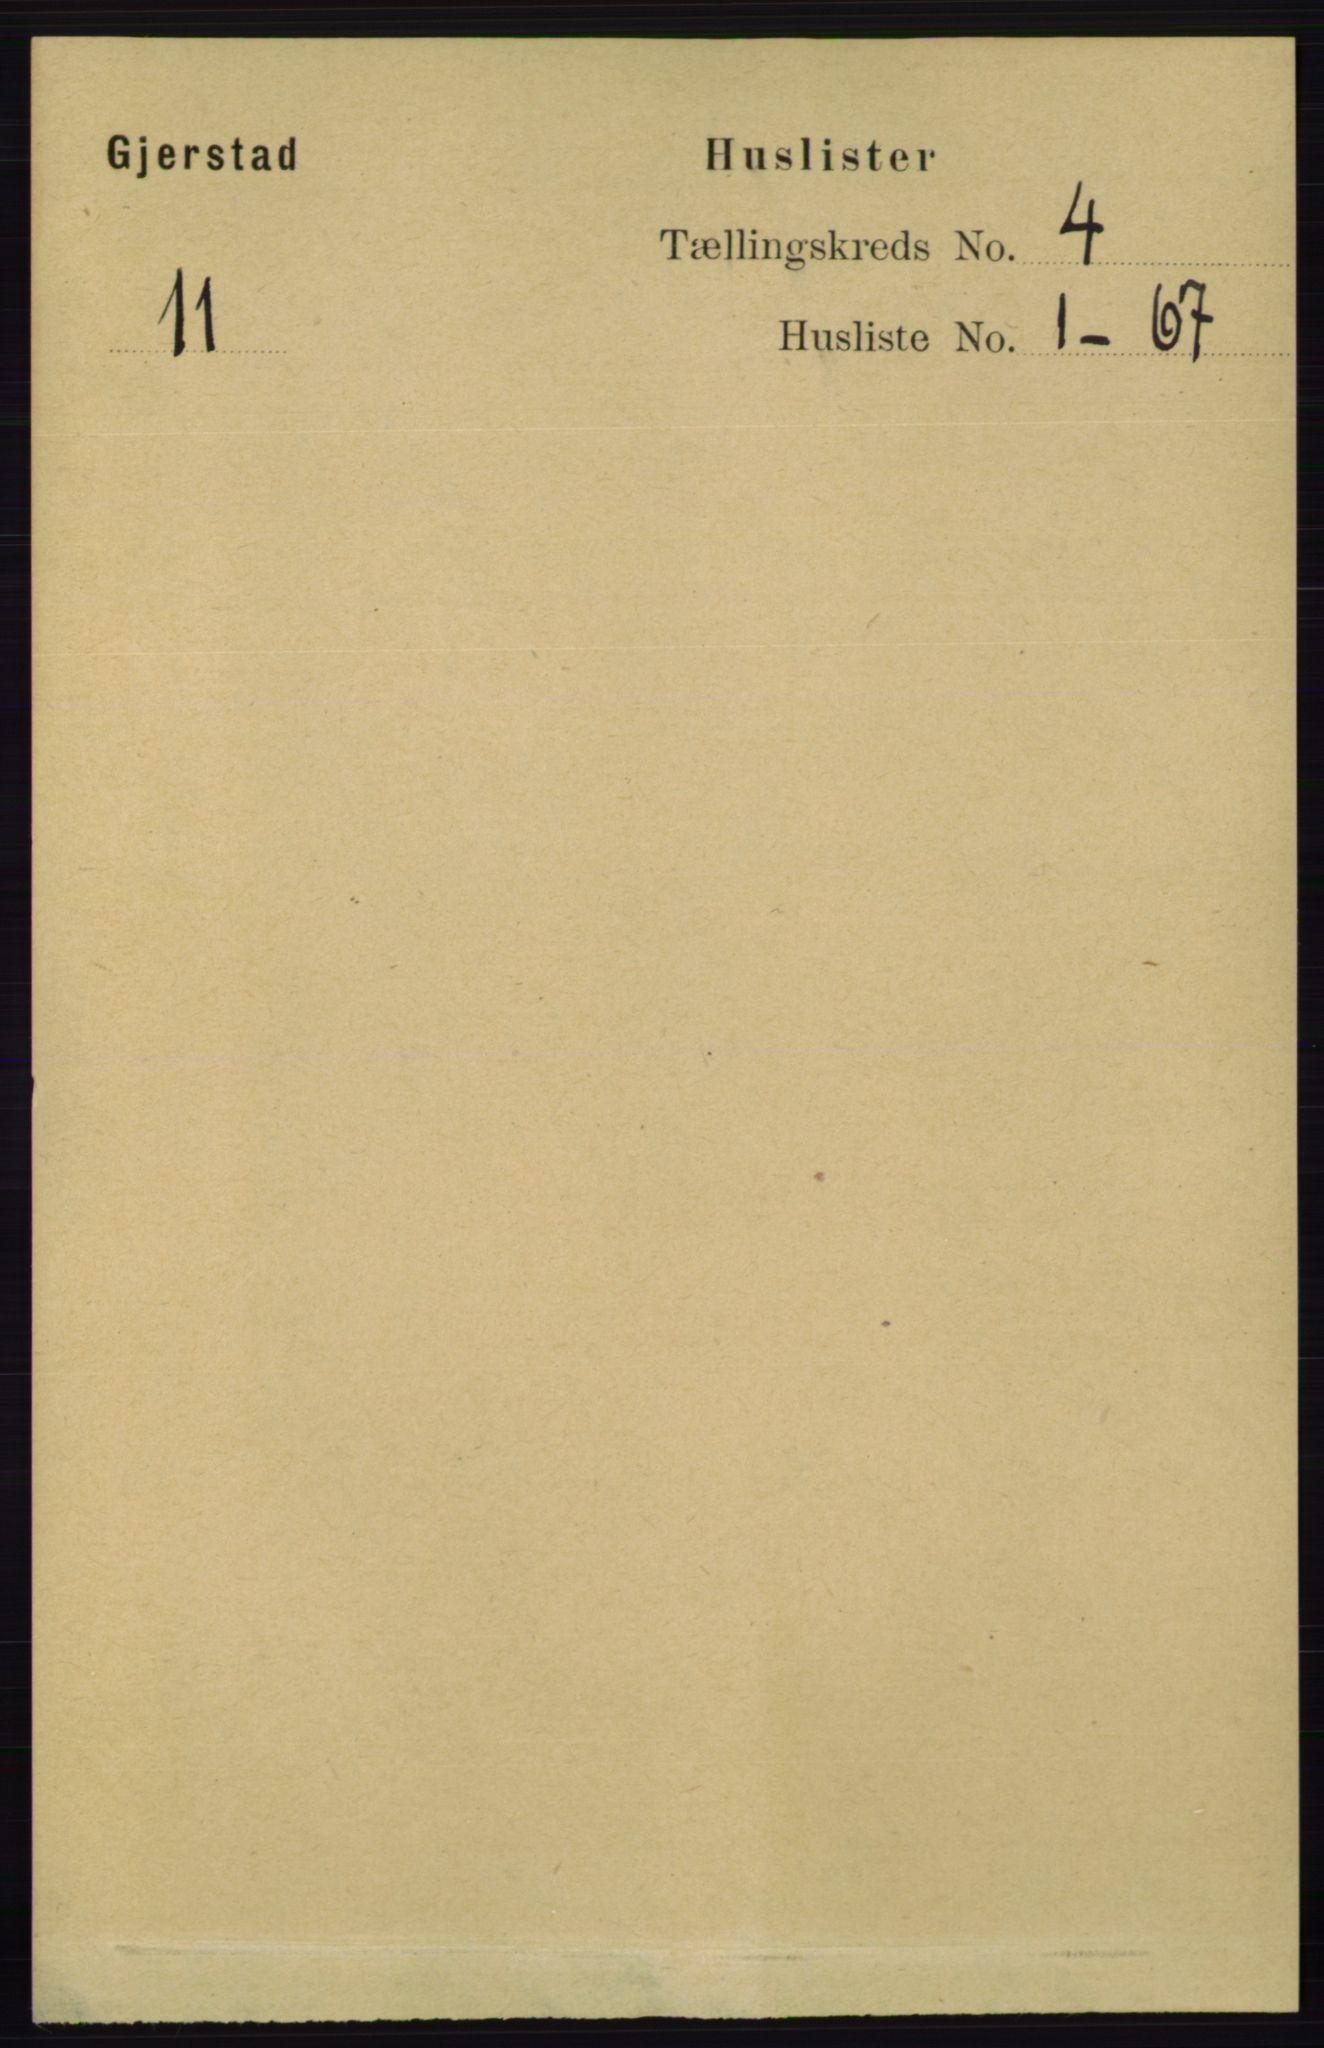 RA, Folketelling 1891 for 0911 Gjerstad herred, 1891, s. 1437